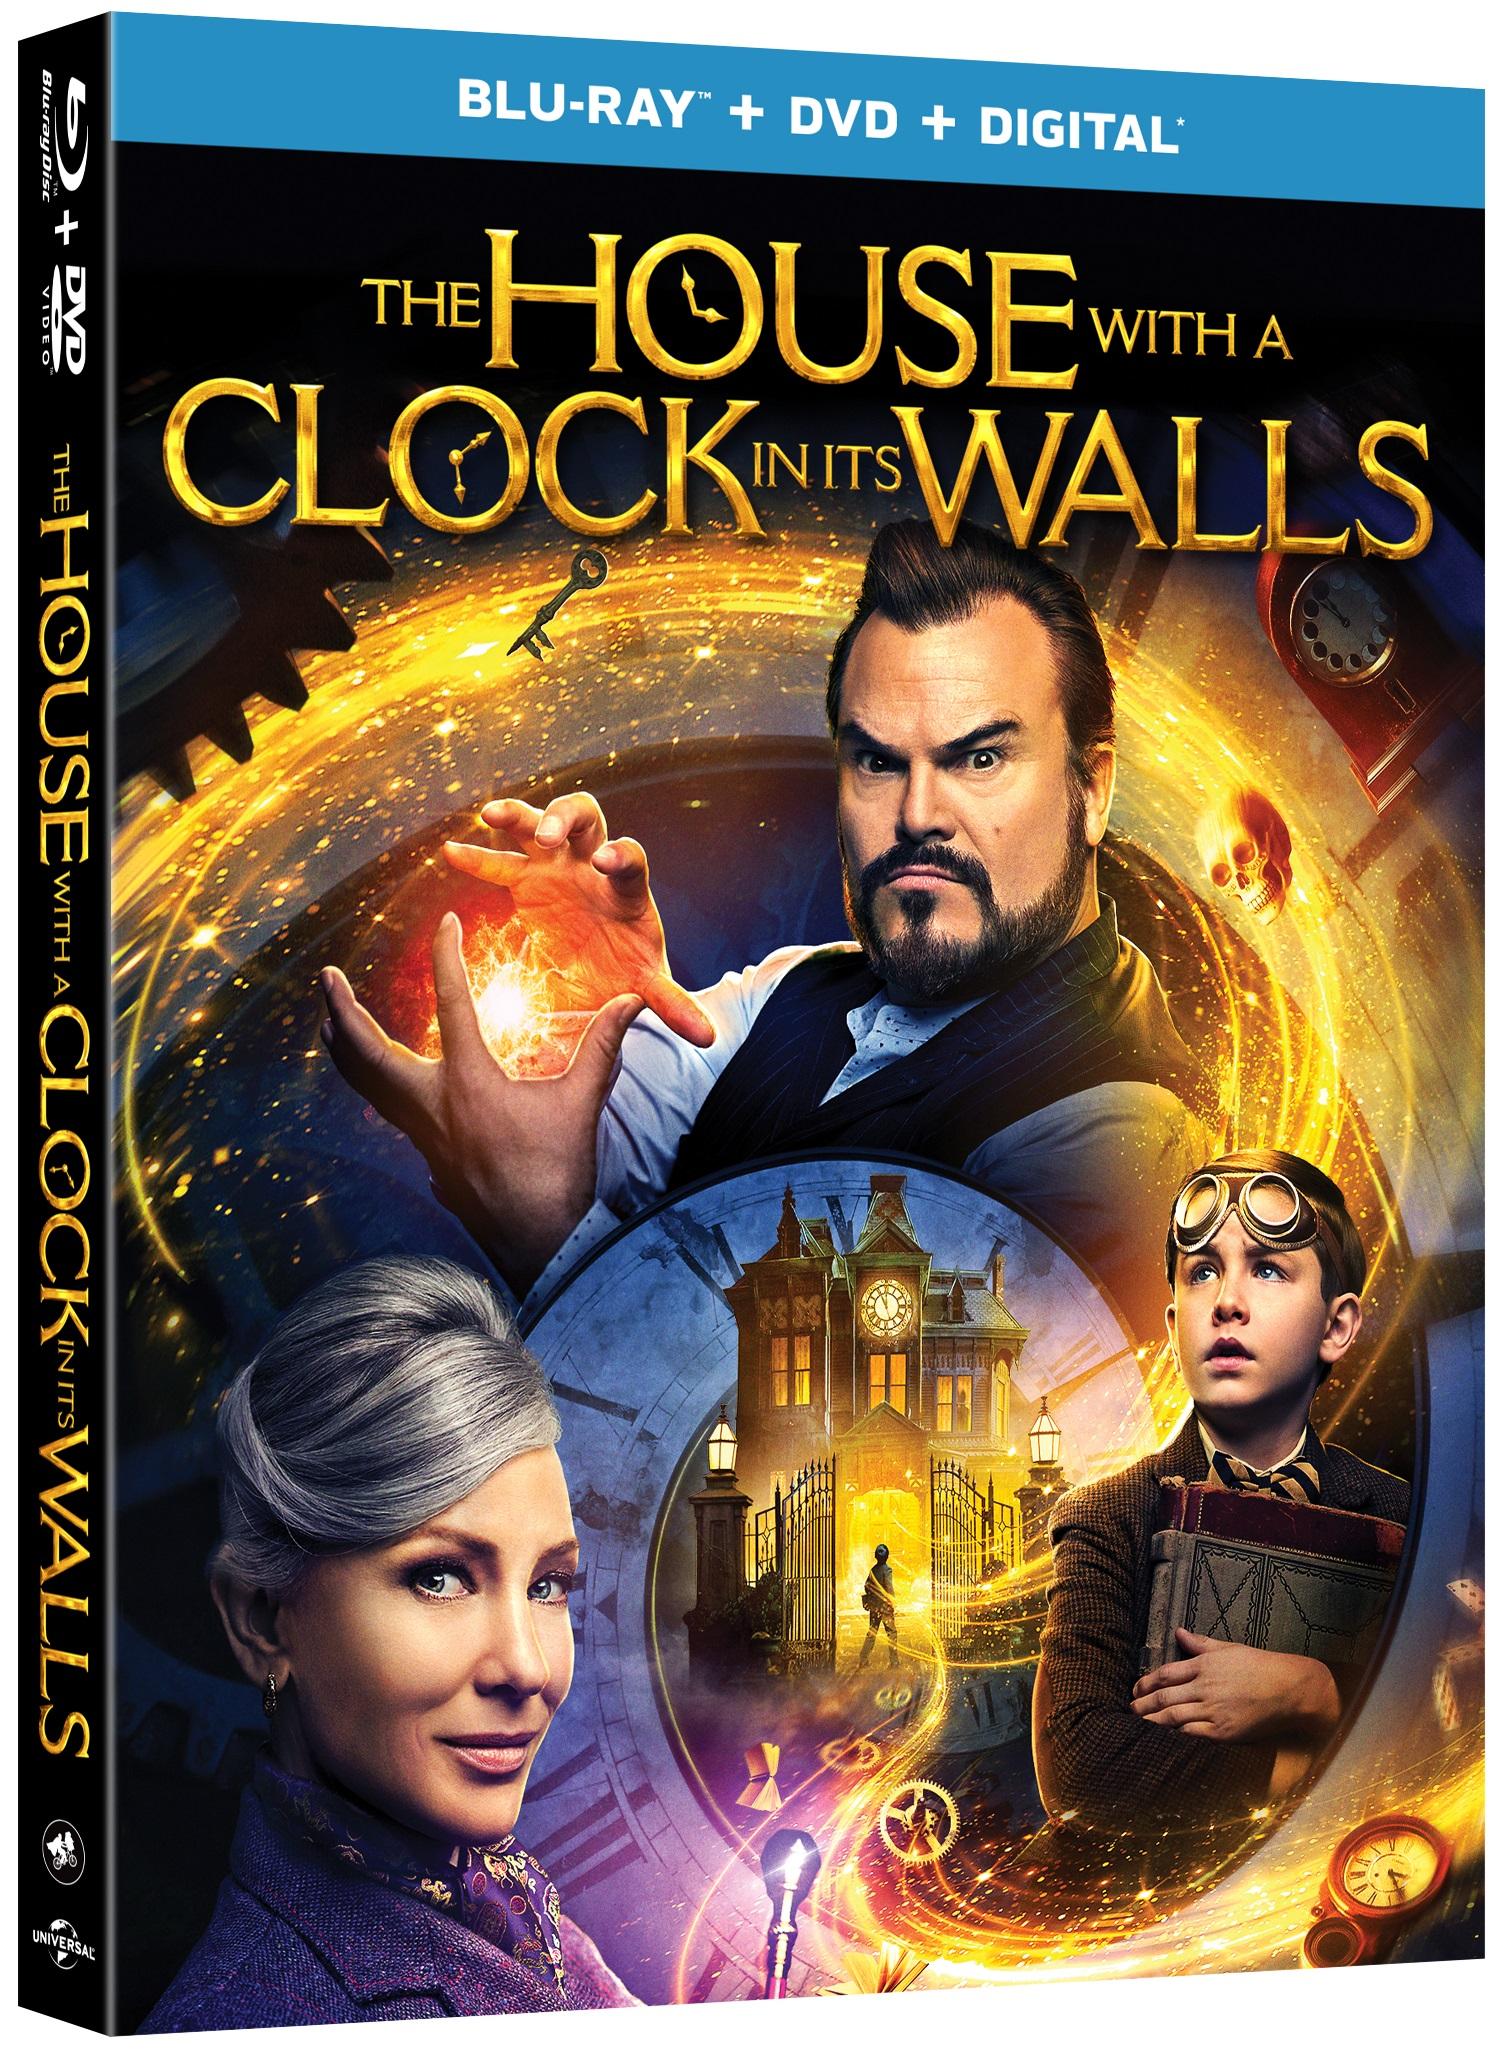 ผลการค้นหารูปภาพสำหรับ THE HOUSE WITH A CLOCK IN ITS WALLS (2018) bluray